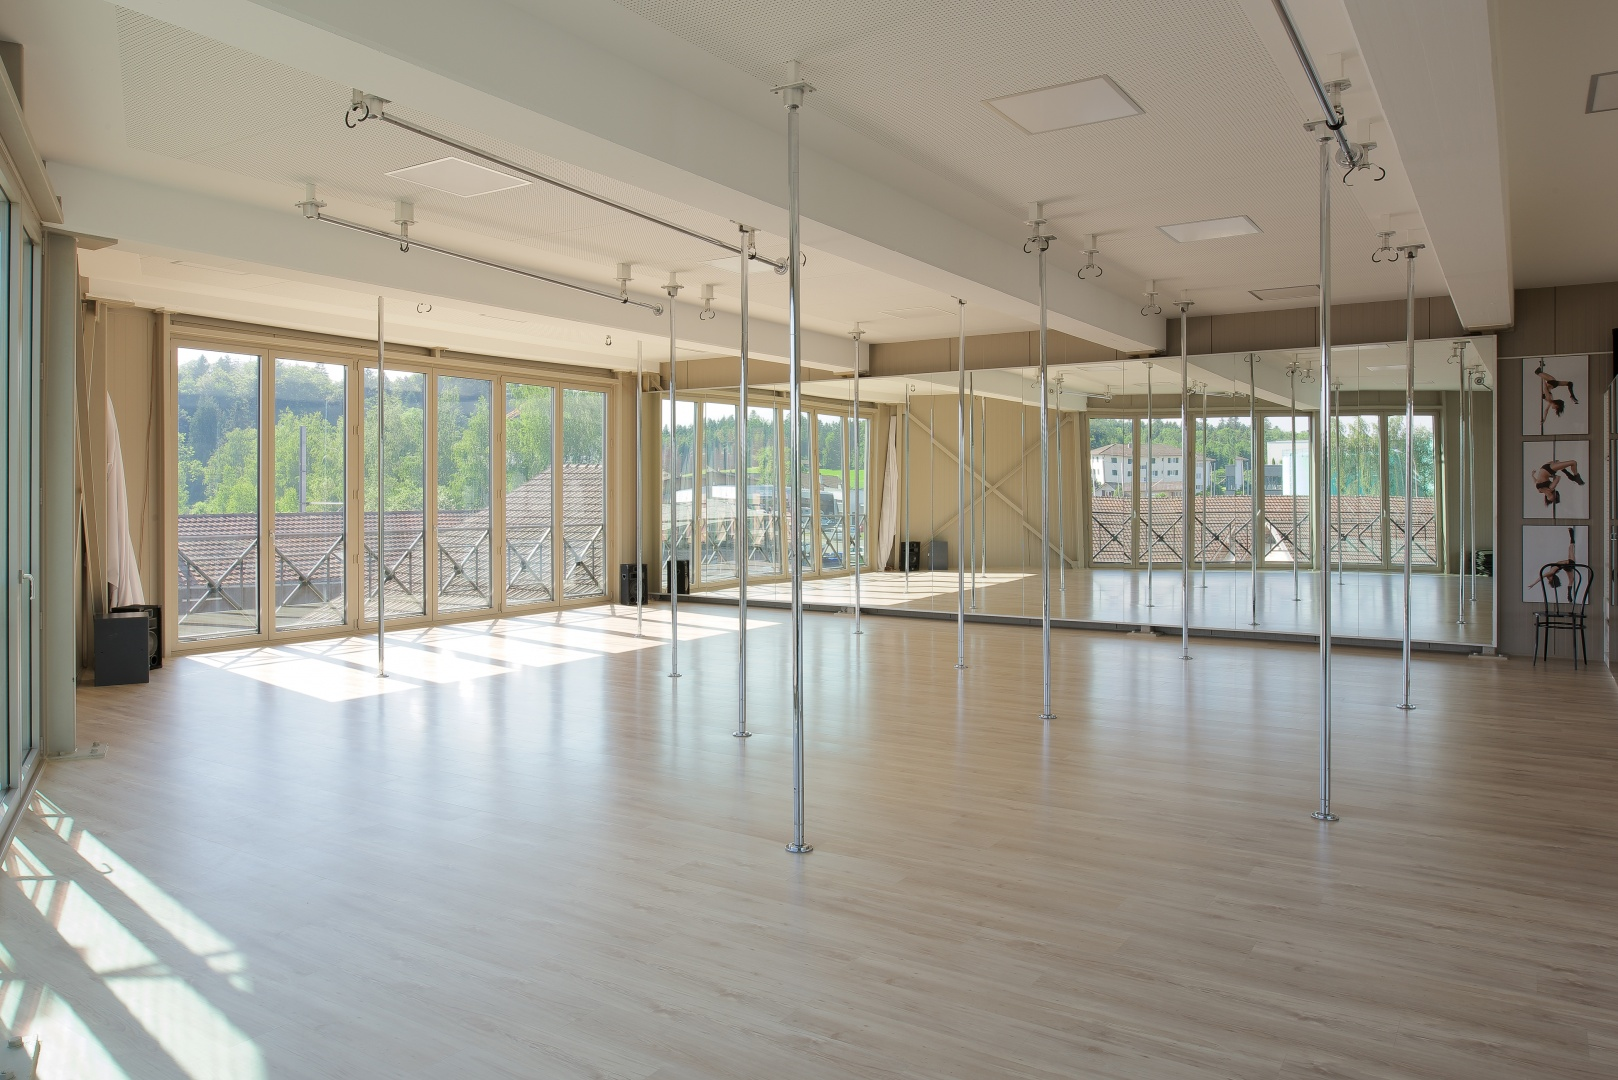 Multifunktionssaal © Reto Meier, Kirchberg